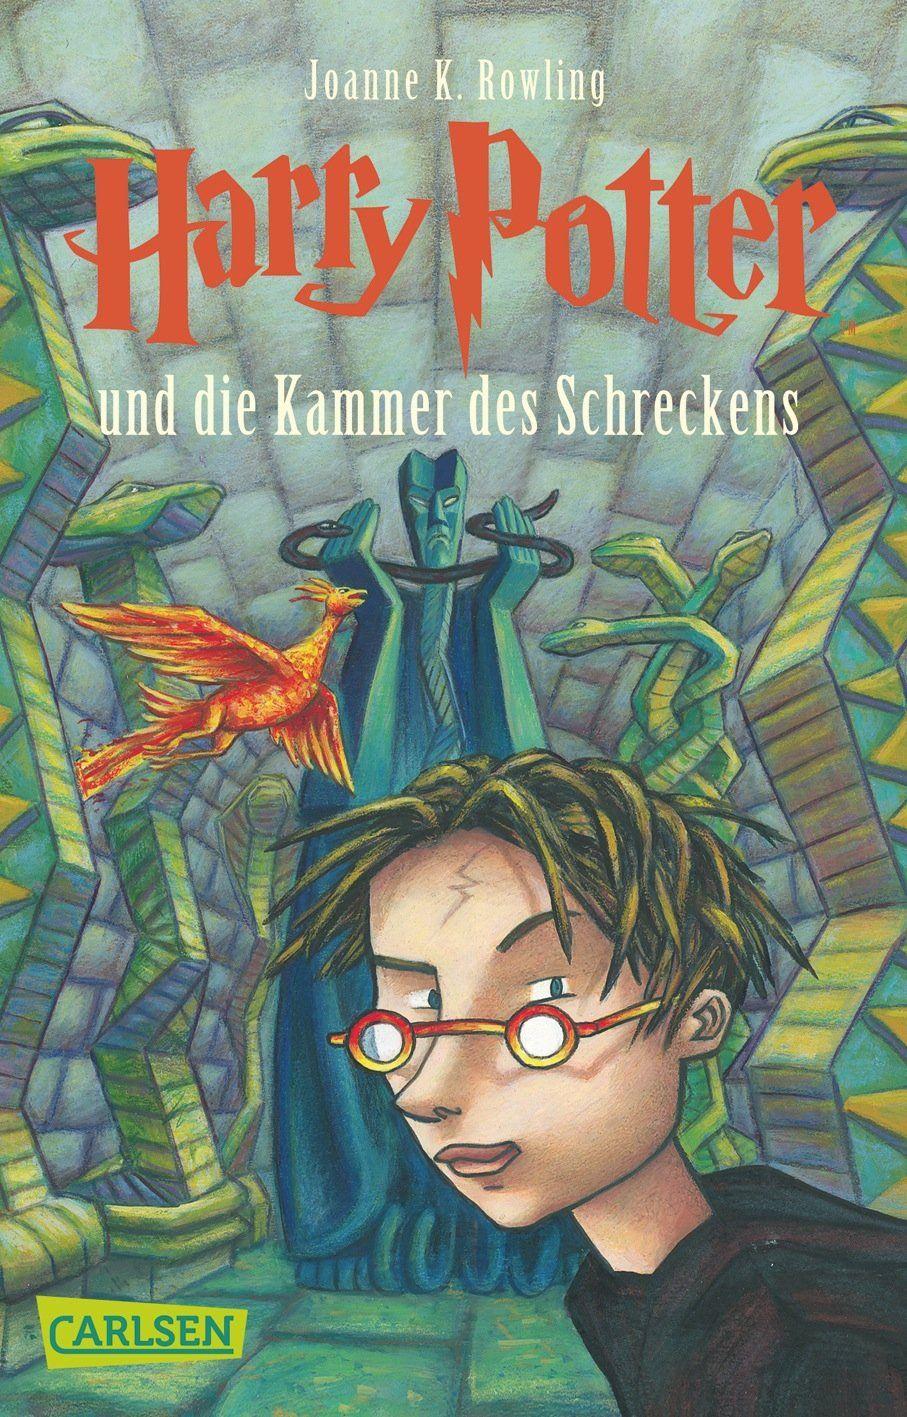 Harry Potter Und Die Kammer Des Schreckens German Edition J K Rowling 9783551354020 Amazon Com Books